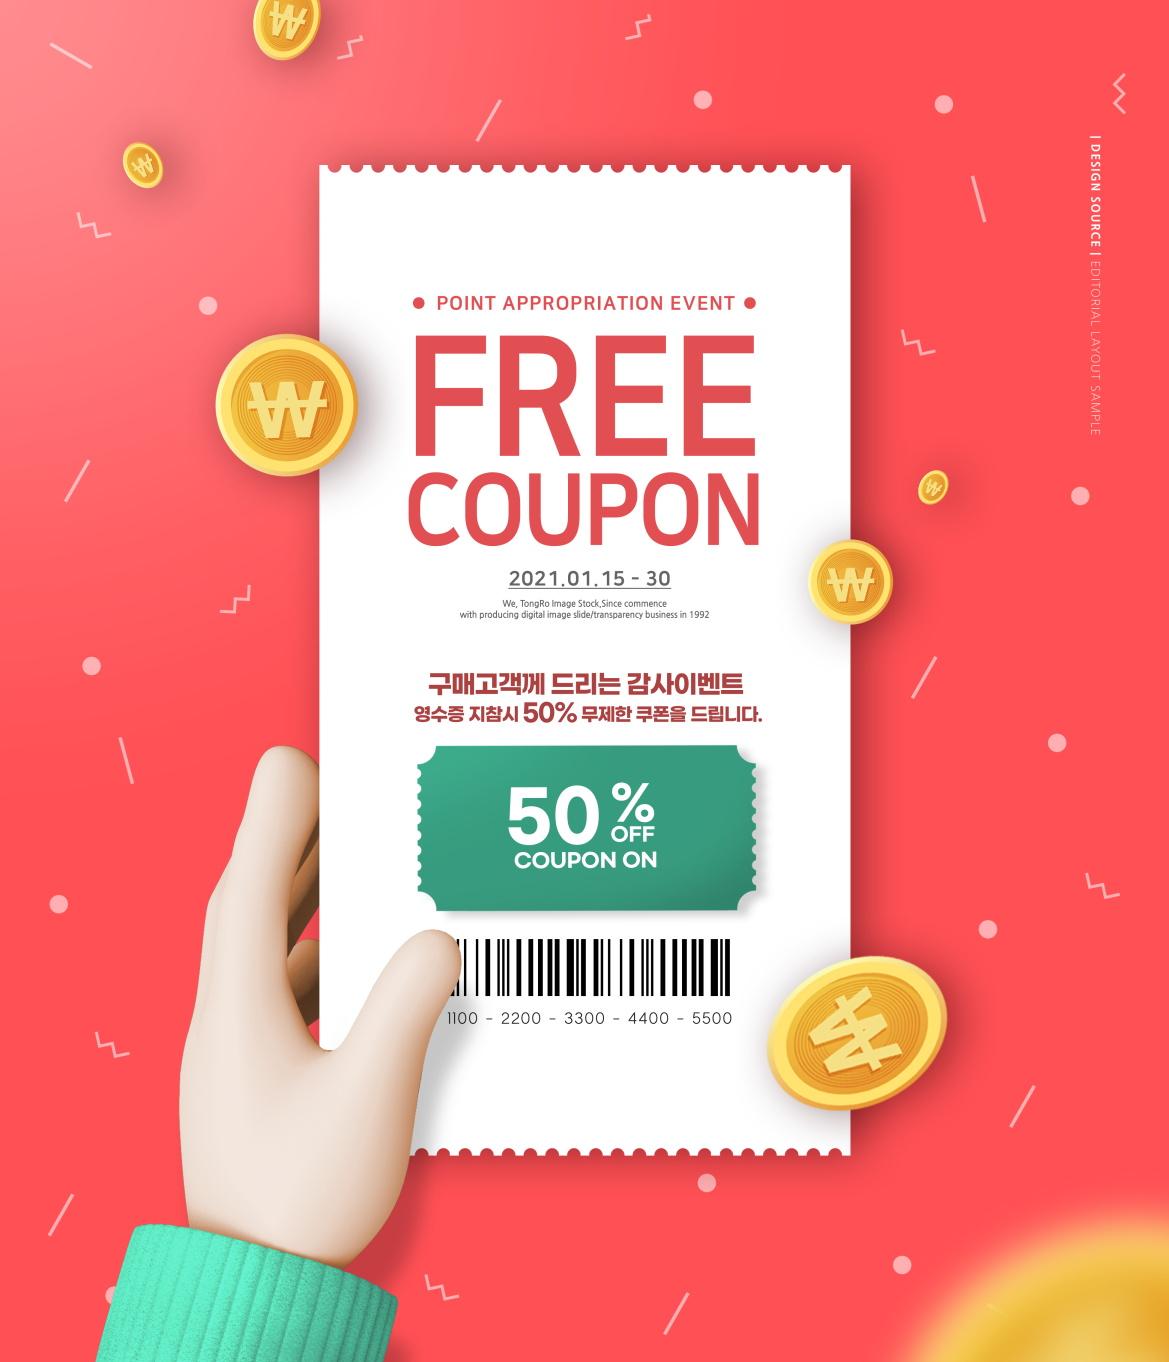 [单独购买] 16款时尚外卖金融手机购物促销海报设计PSD模板素材 Mobile Shopping Promotion Poster插图